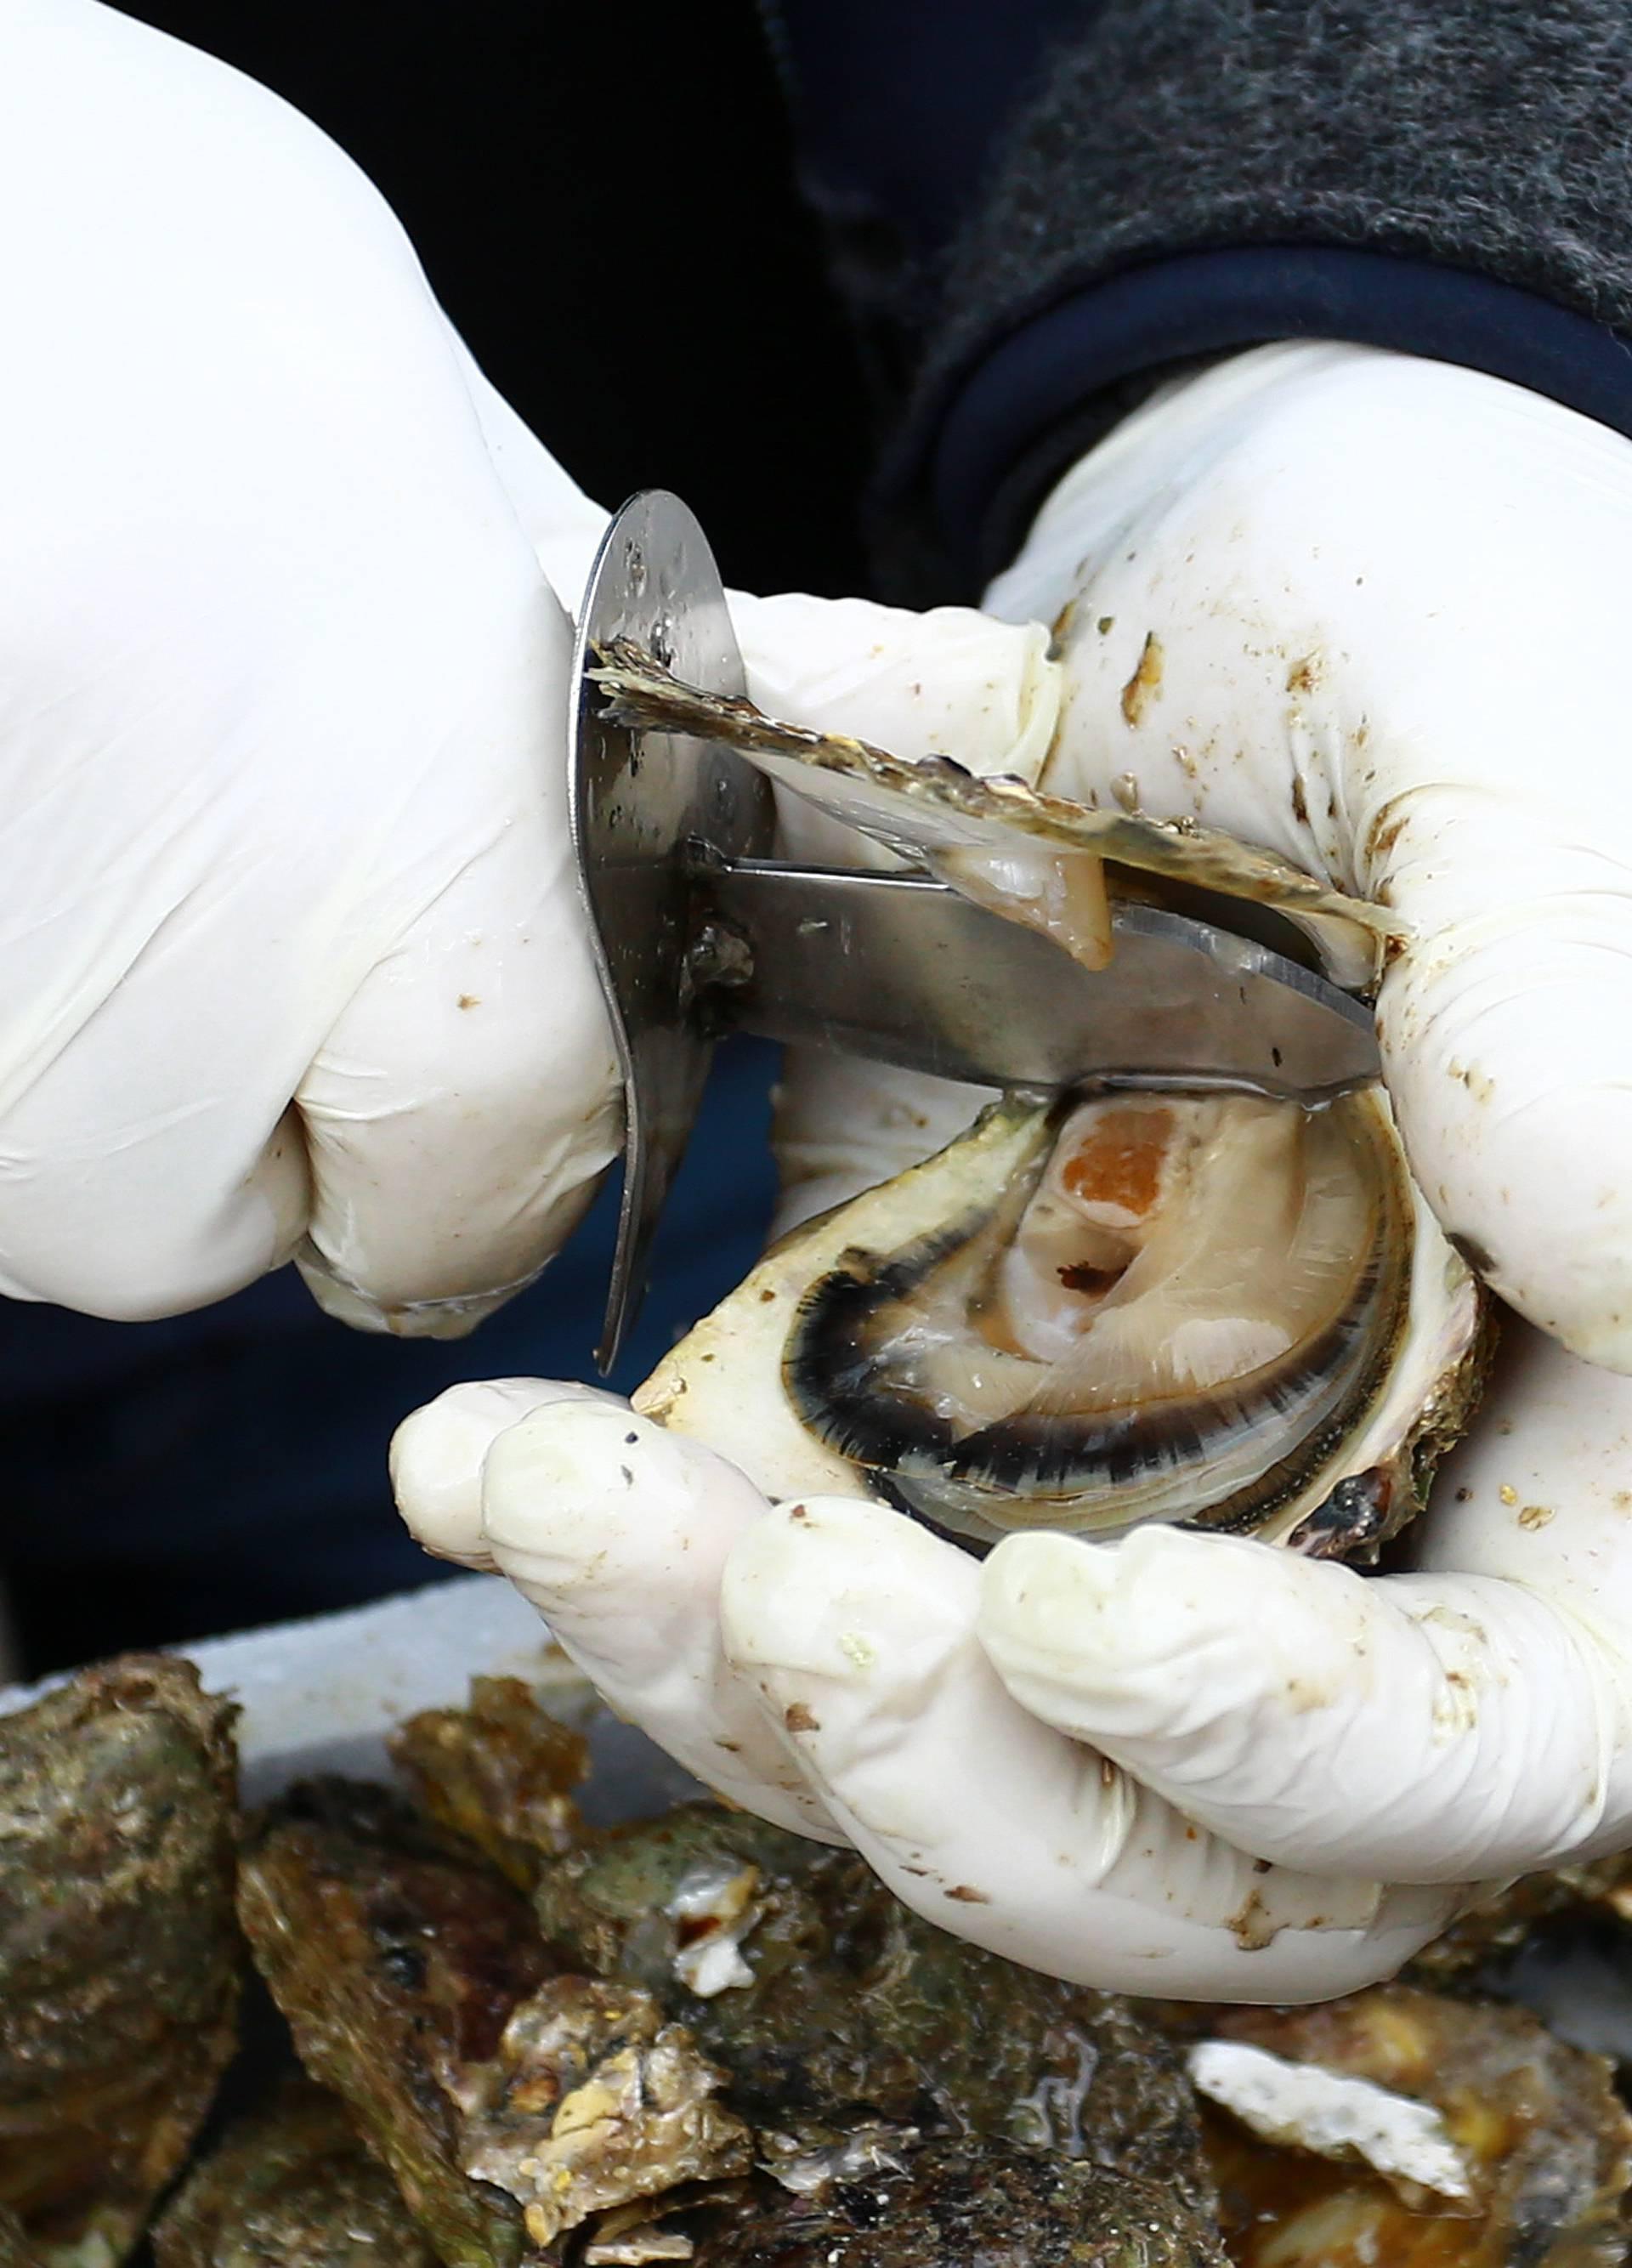 Opasni norovirus u školjkama na Pelješcu - pazite što jedete!